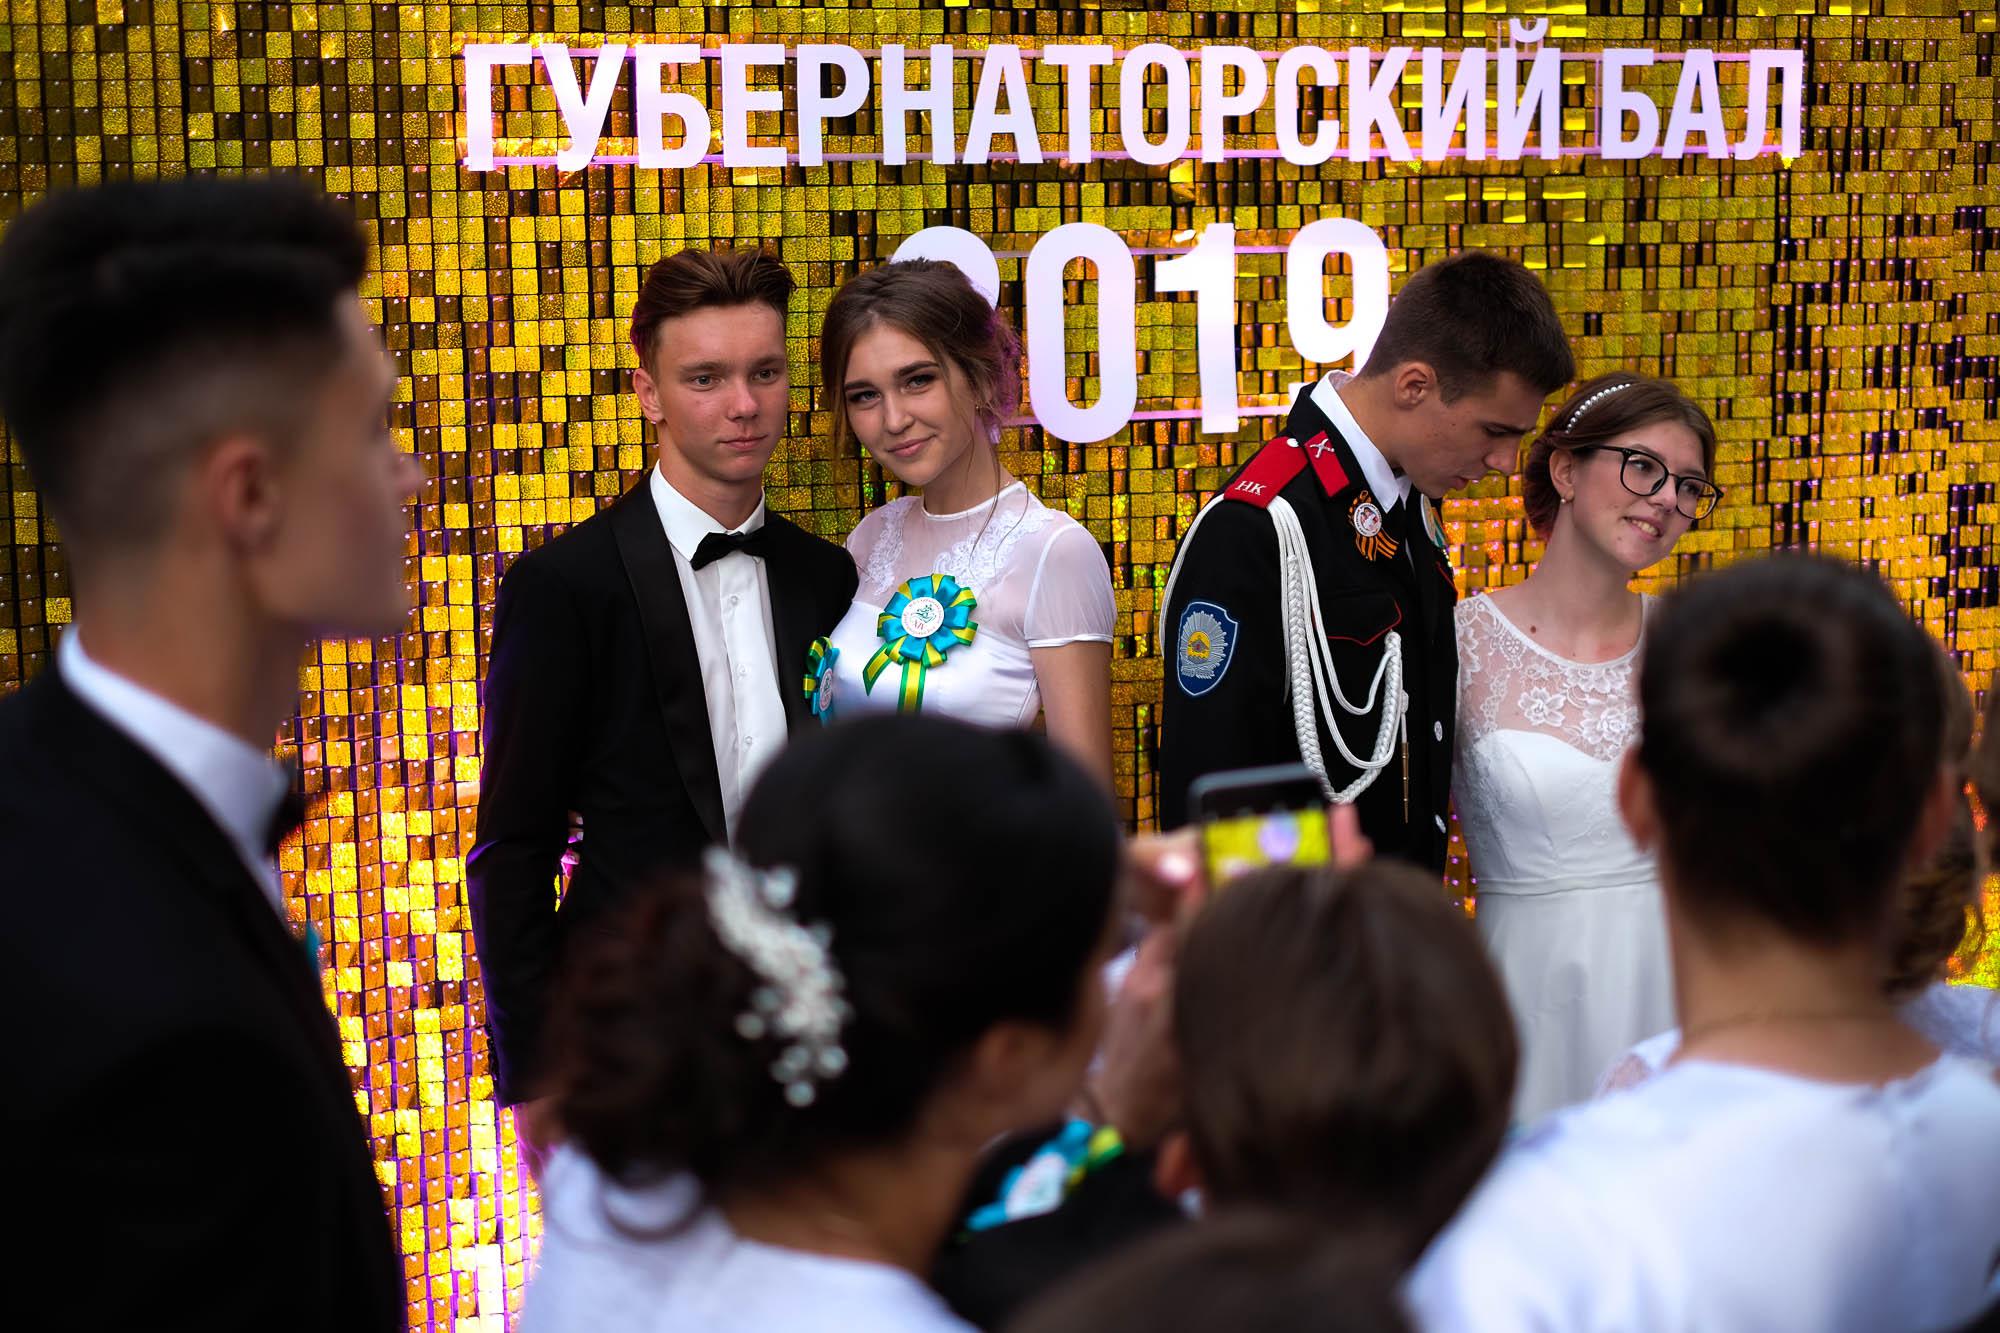 Nikolai_khizhniak-33